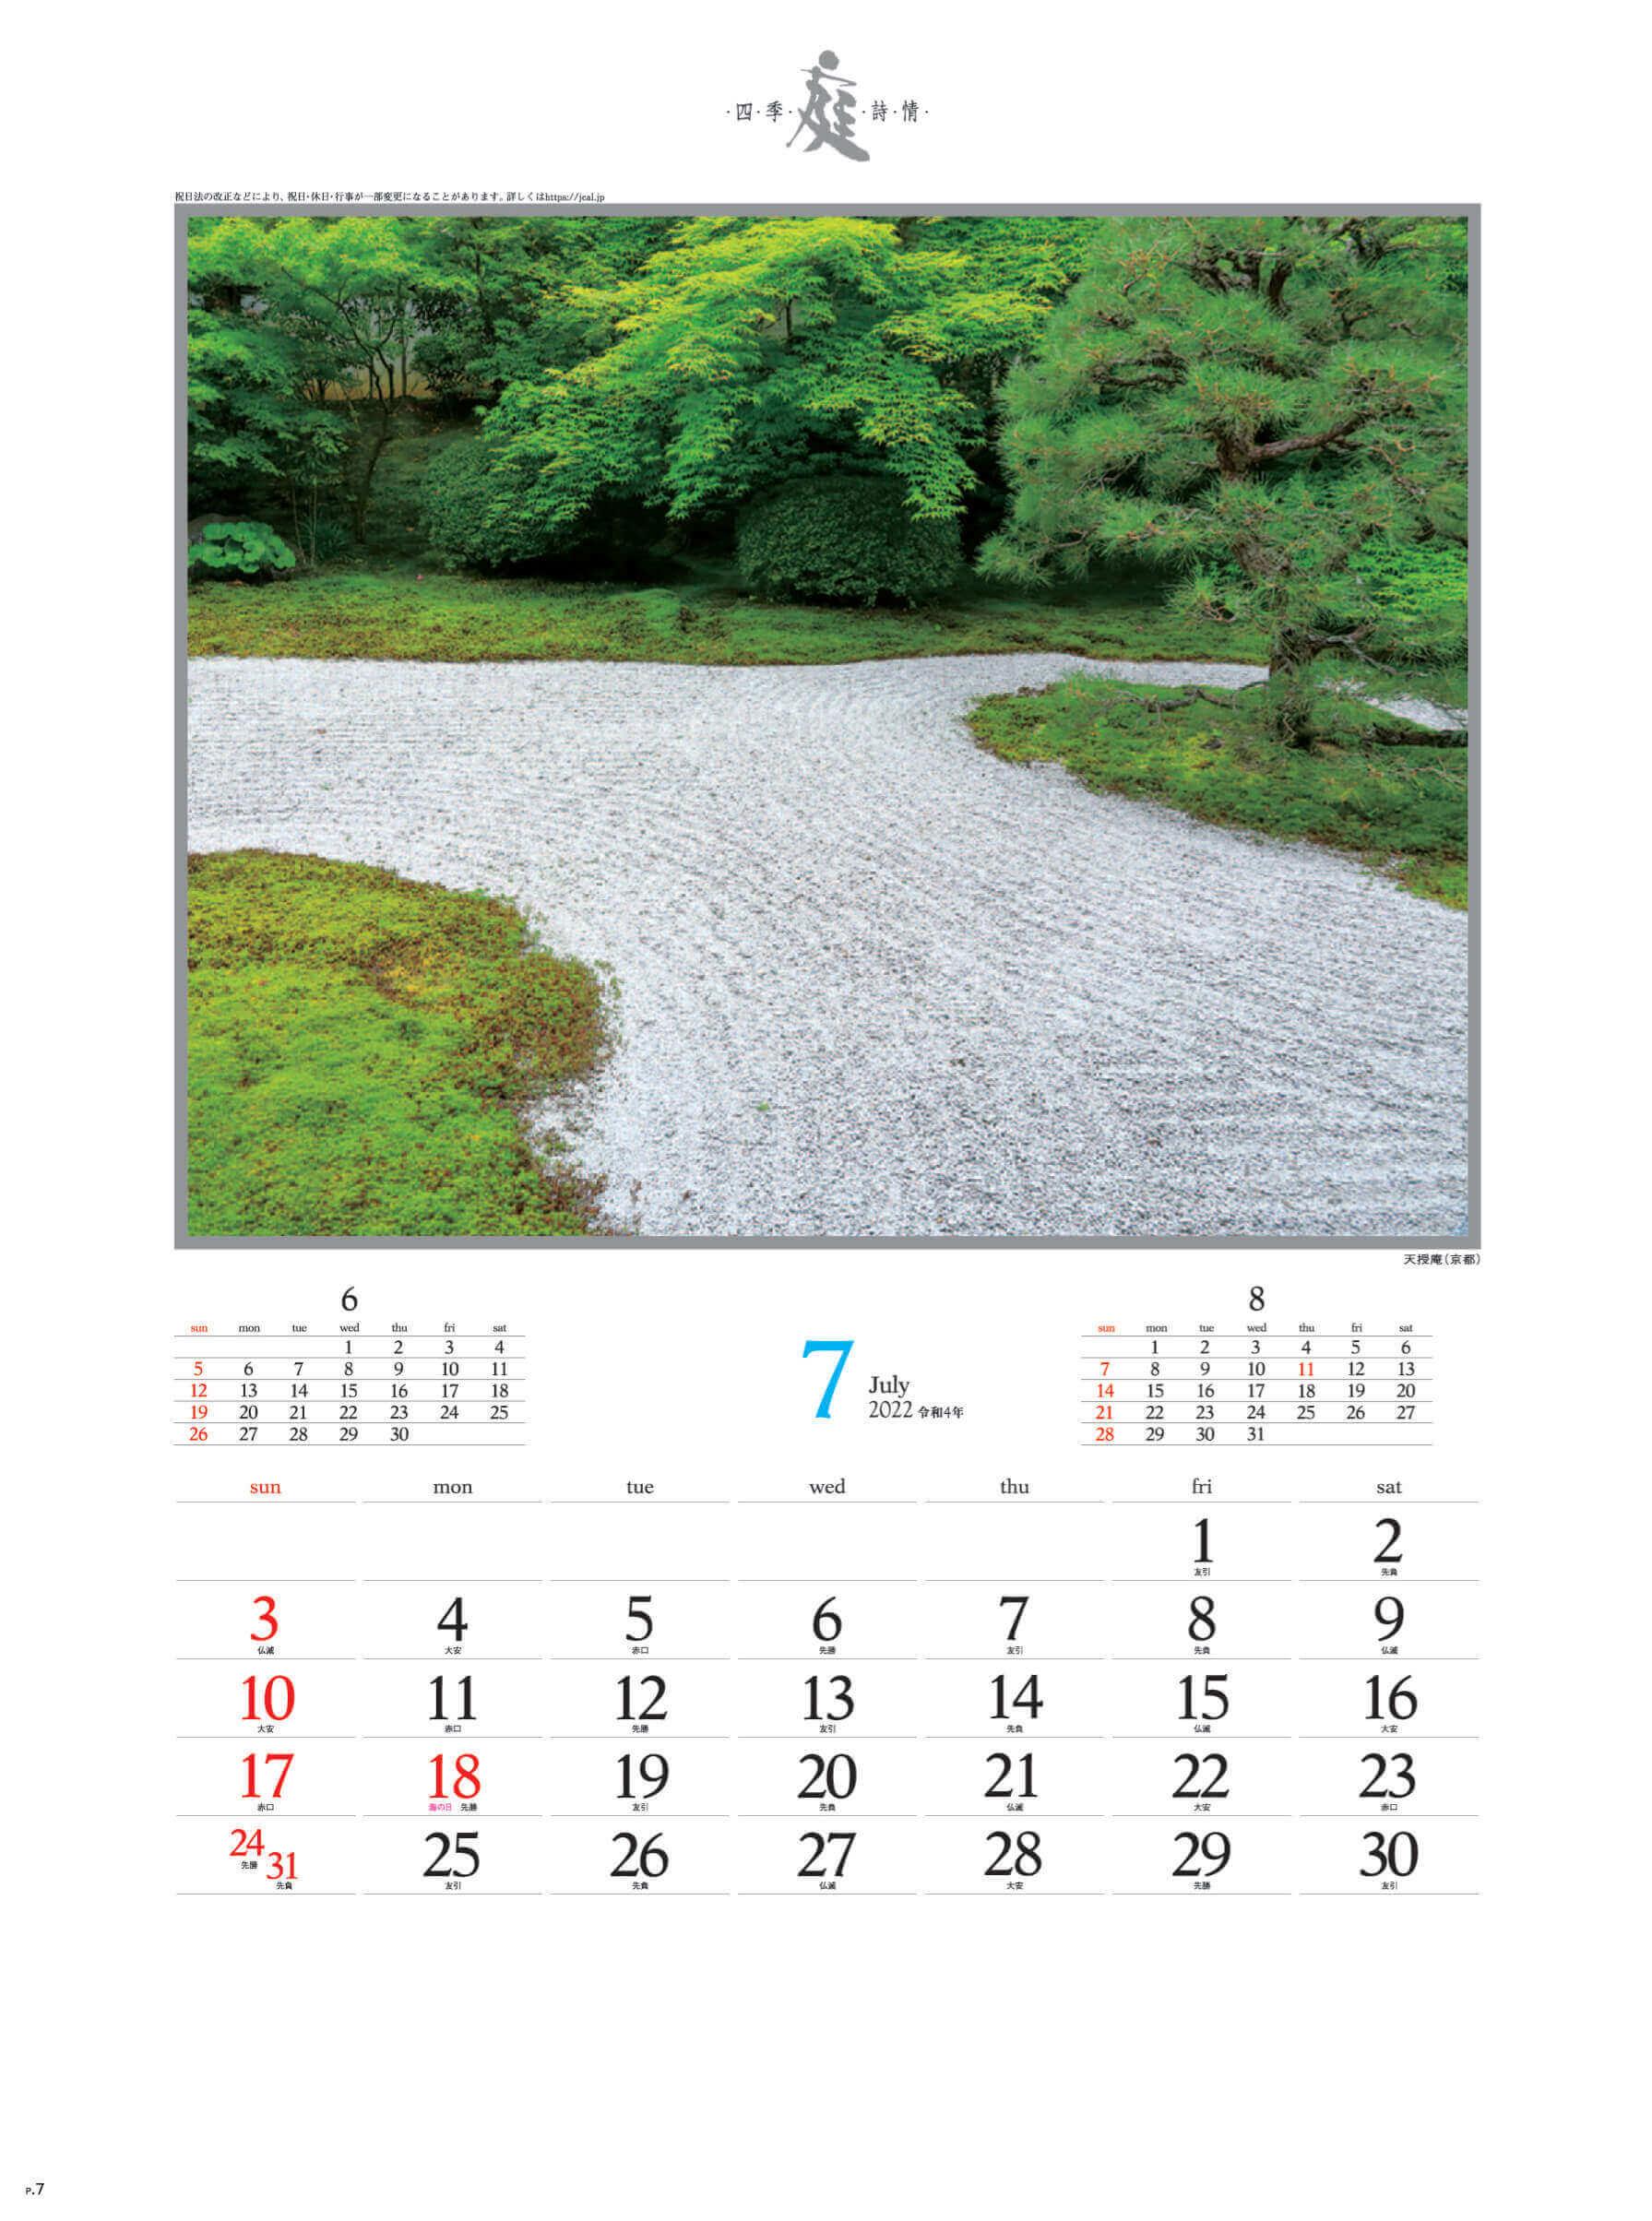 7月 天授庵(京都) 庭・四季詩情 2022年カレンダーの画像